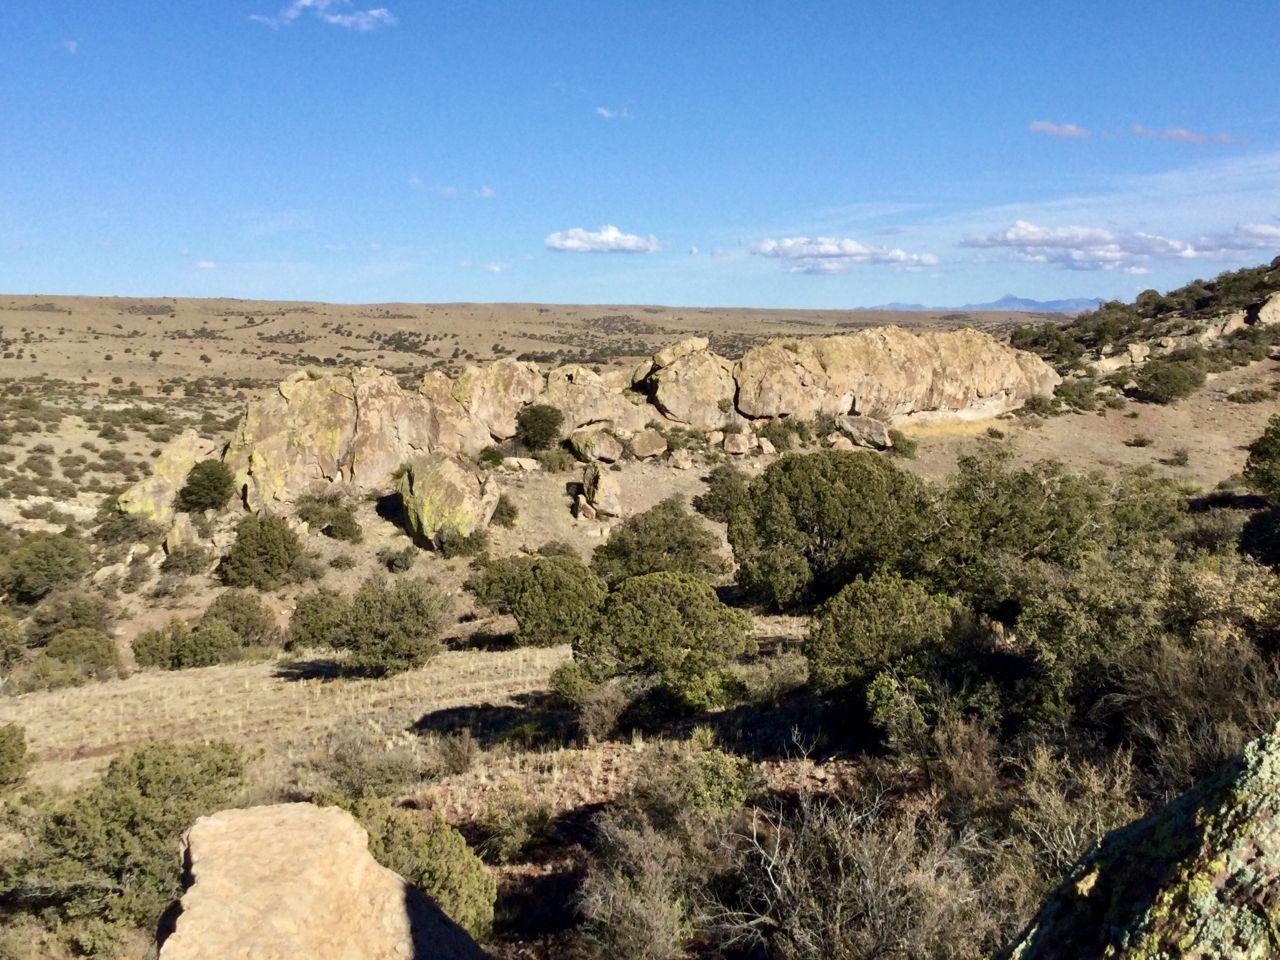 rocky ridge in distance